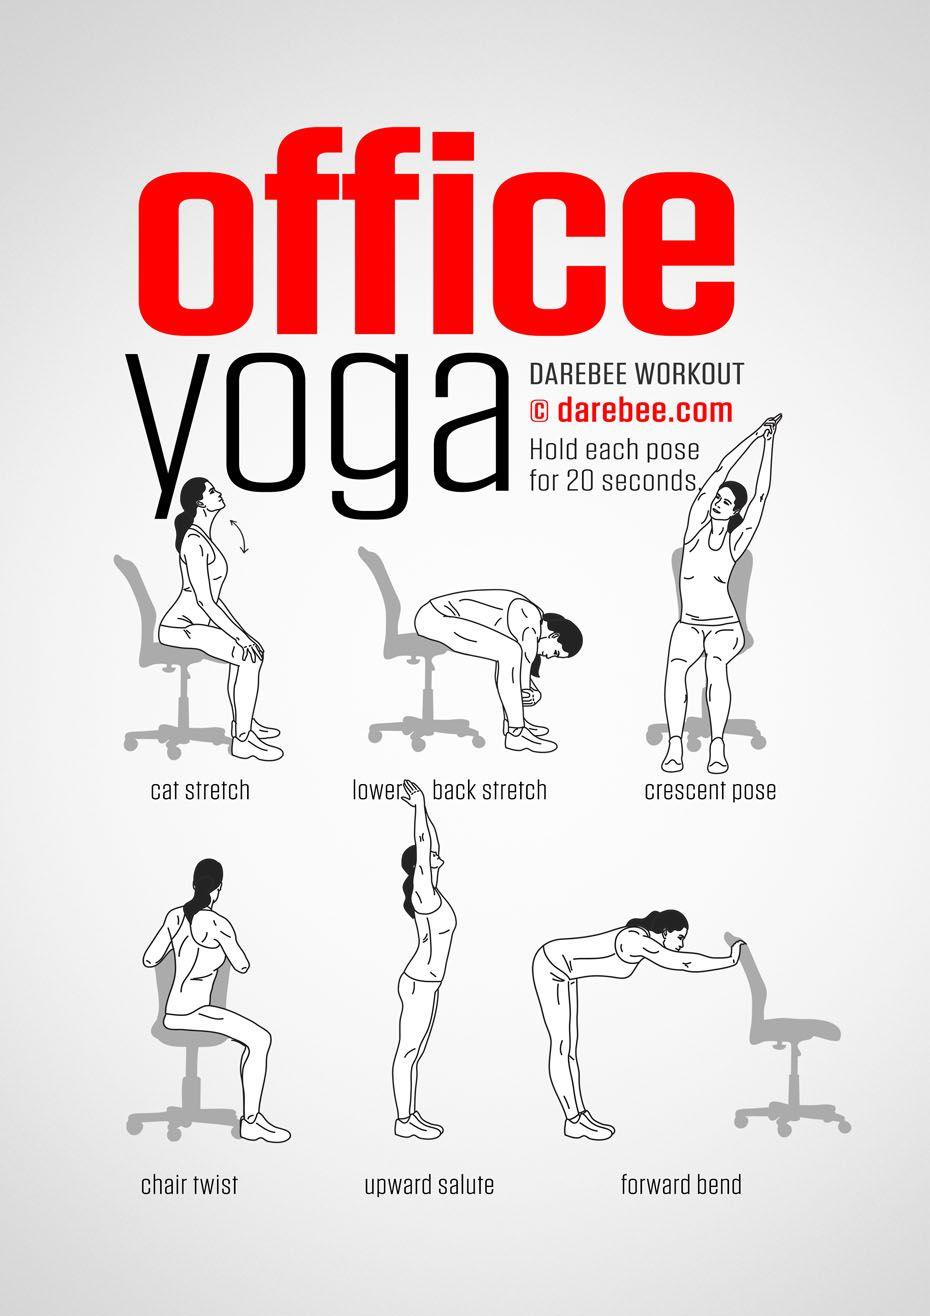 office yoga workout yoga pinterest gesundheit und fitness sport und ern hrung und fitness. Black Bedroom Furniture Sets. Home Design Ideas